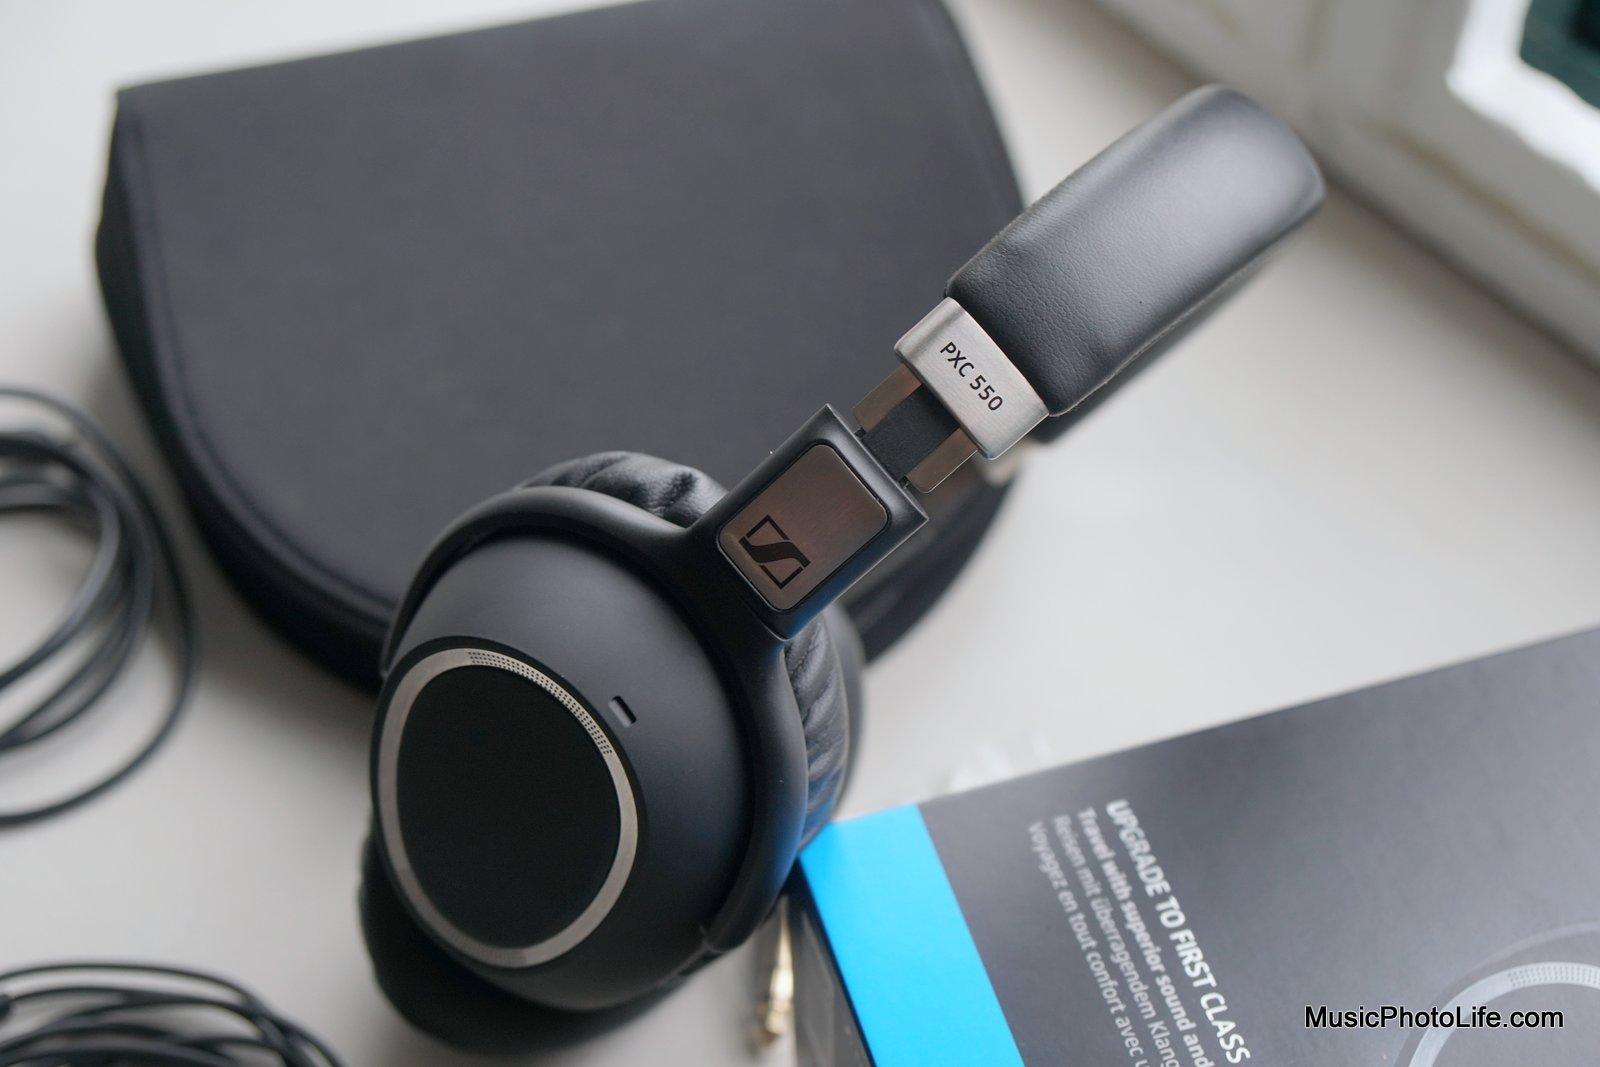 Sennheiser PXC550 review by musicphotolife.com